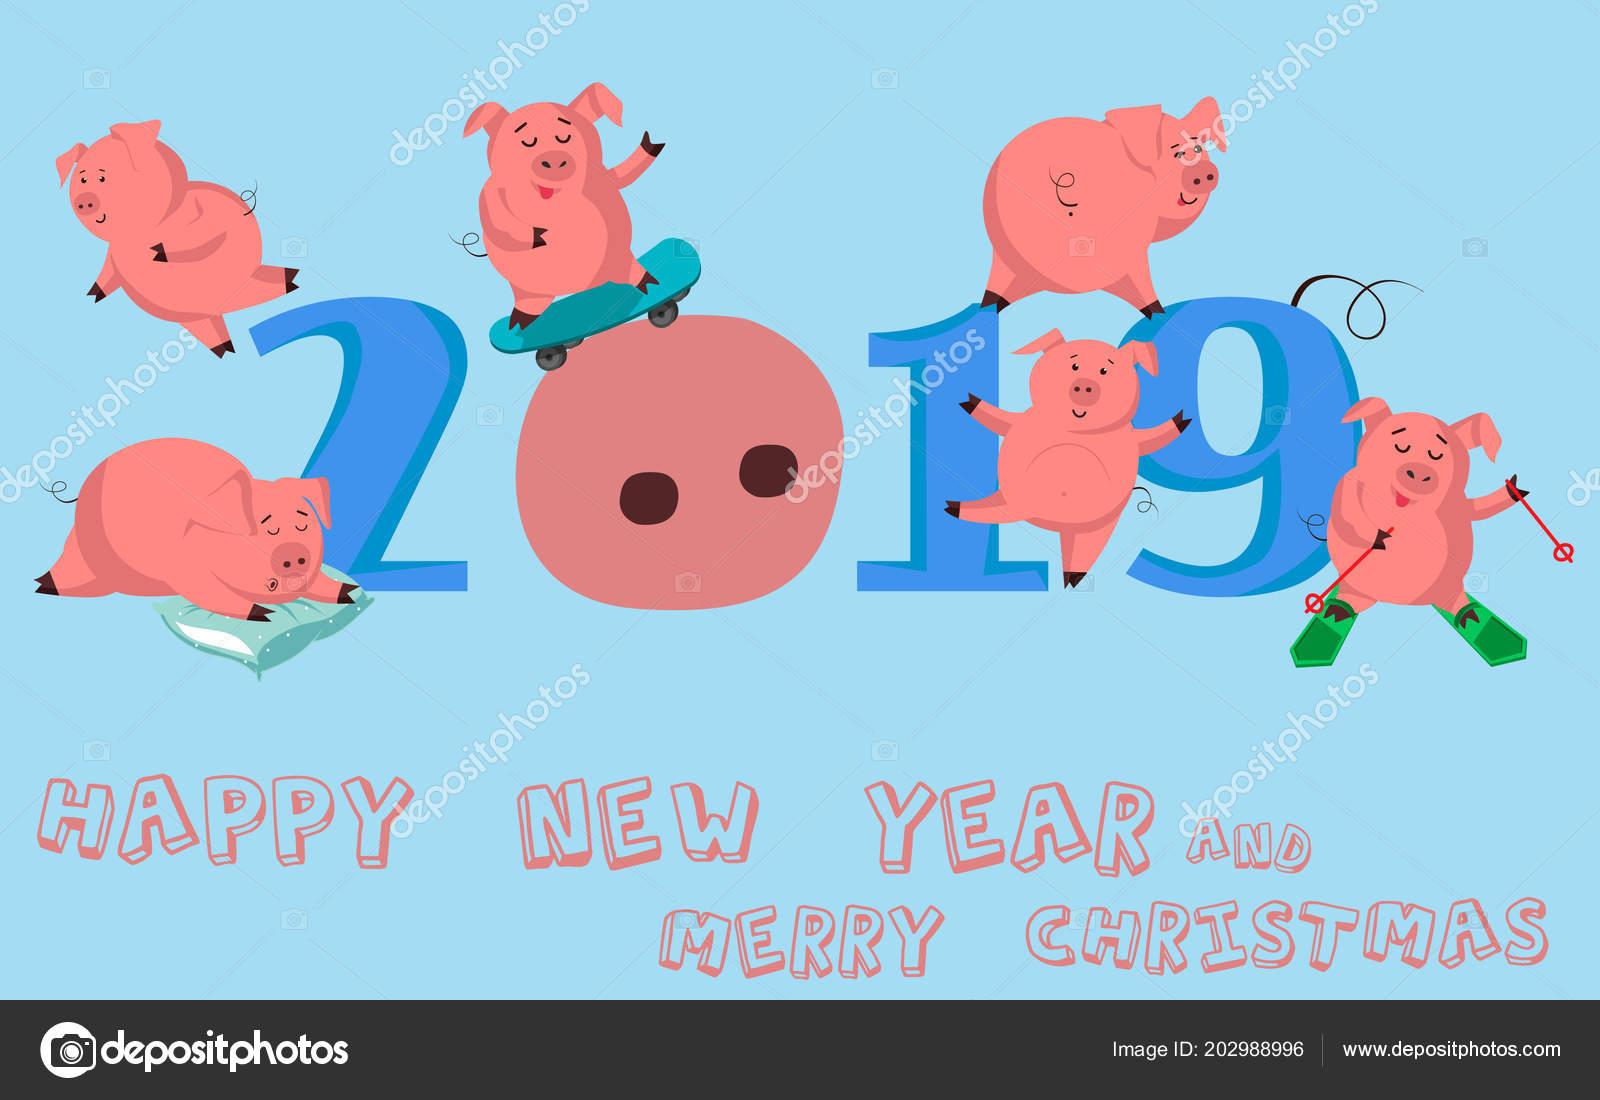 Frohes Neues Jahr Satz Von Niedlichen Lustiges Schwein Chinesisches ...